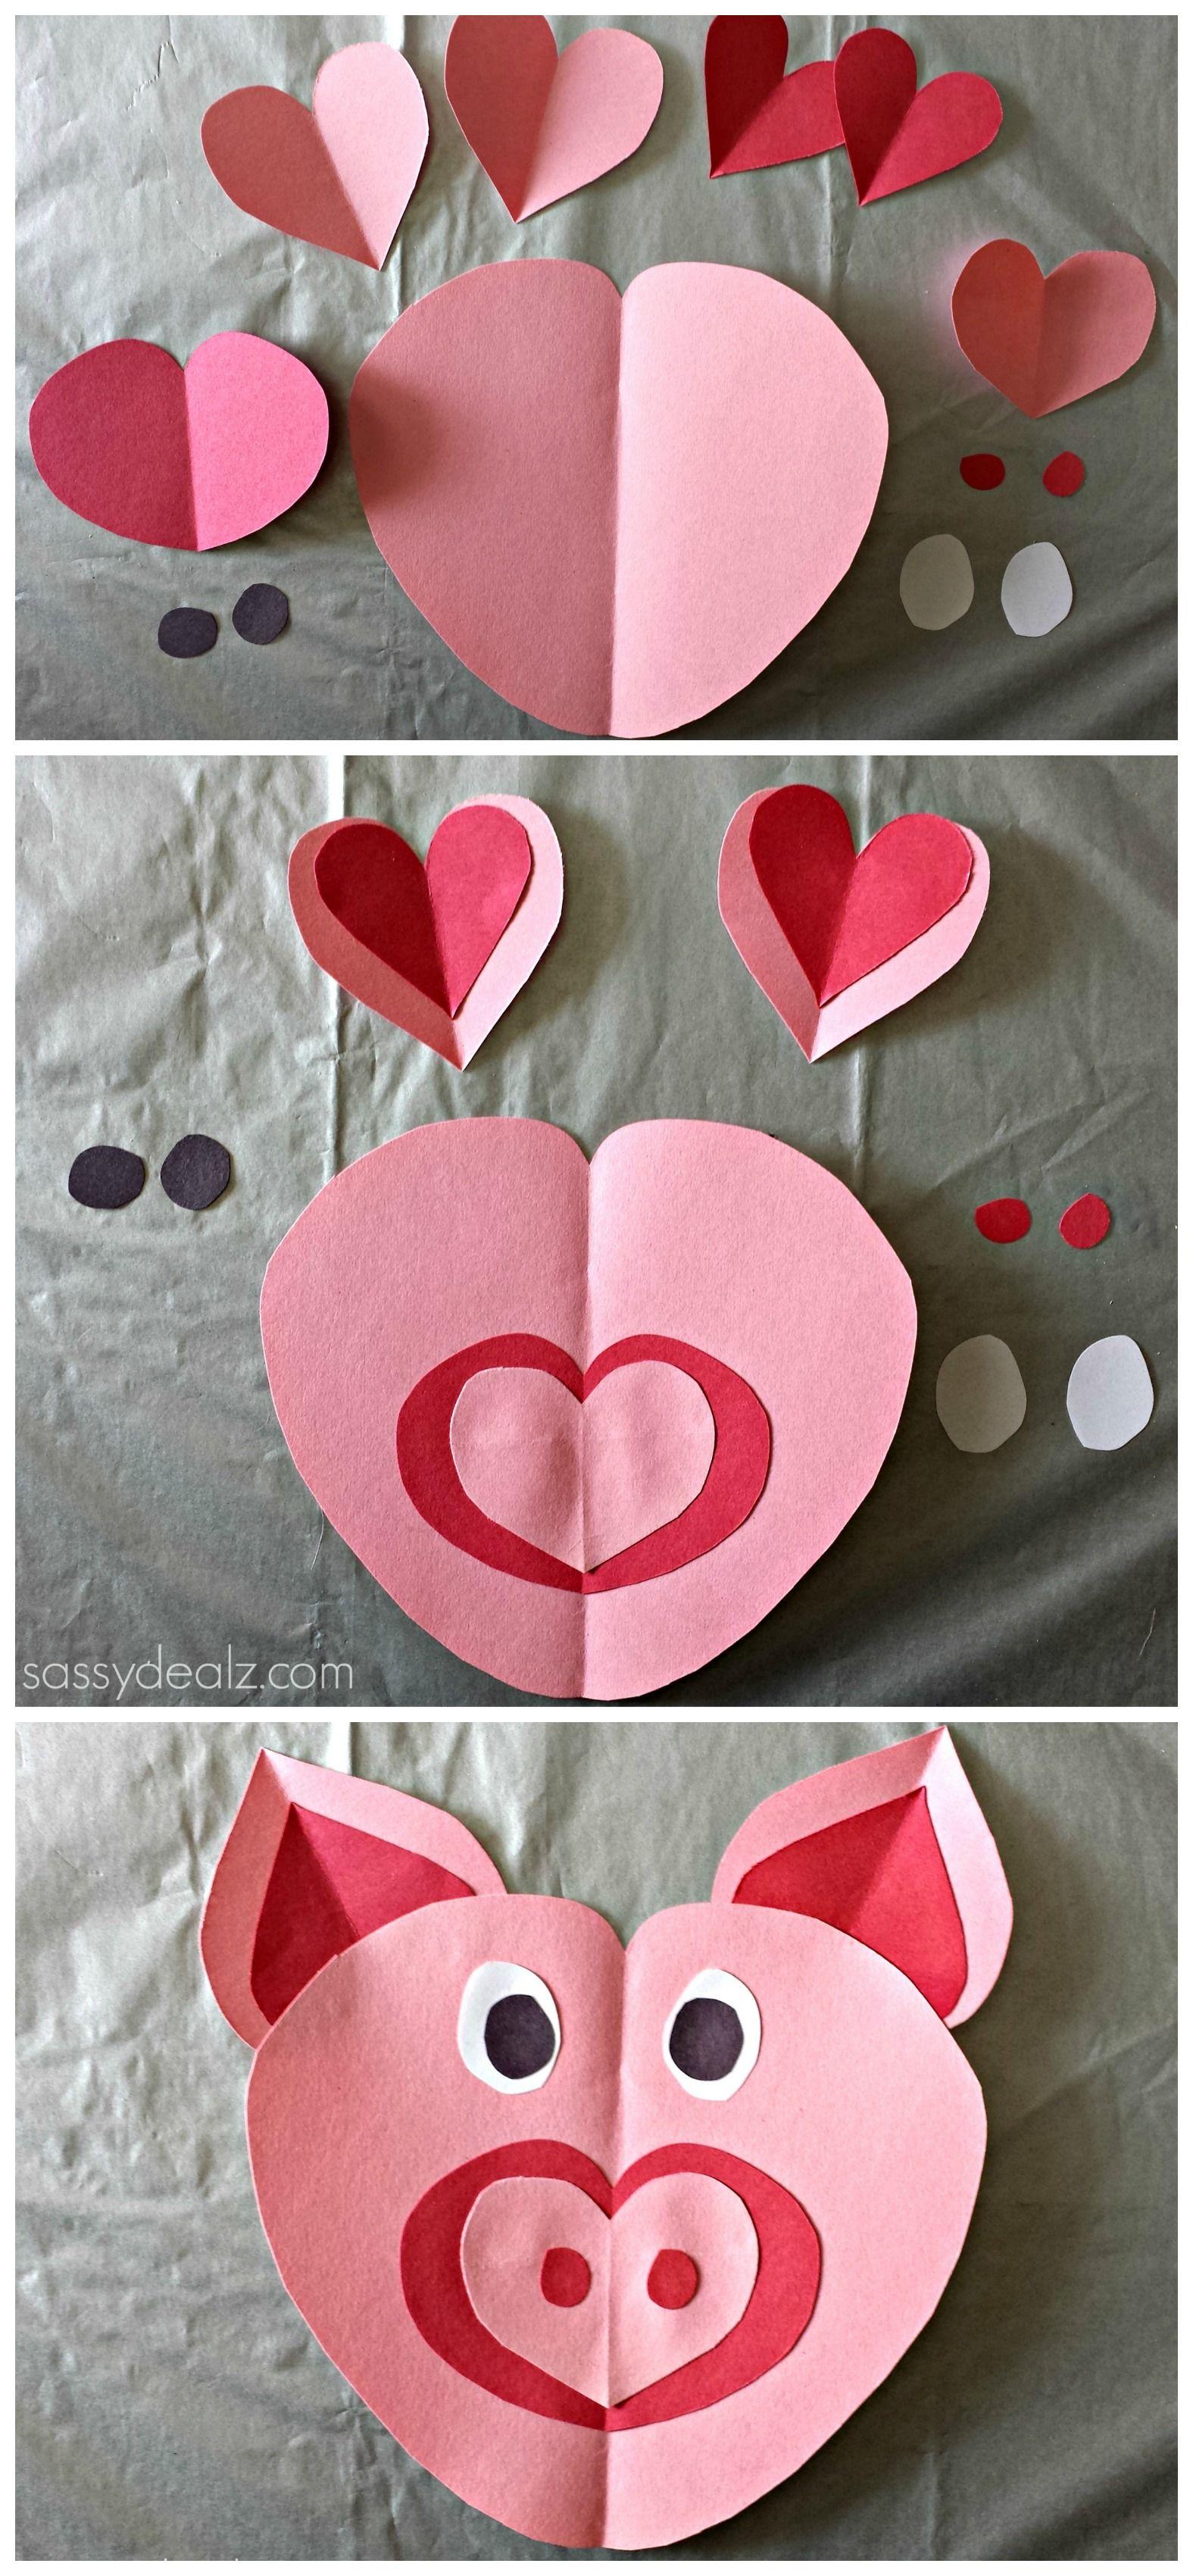 Valentine craft ideas for kindergarten - Heart Pig Craft For Kids